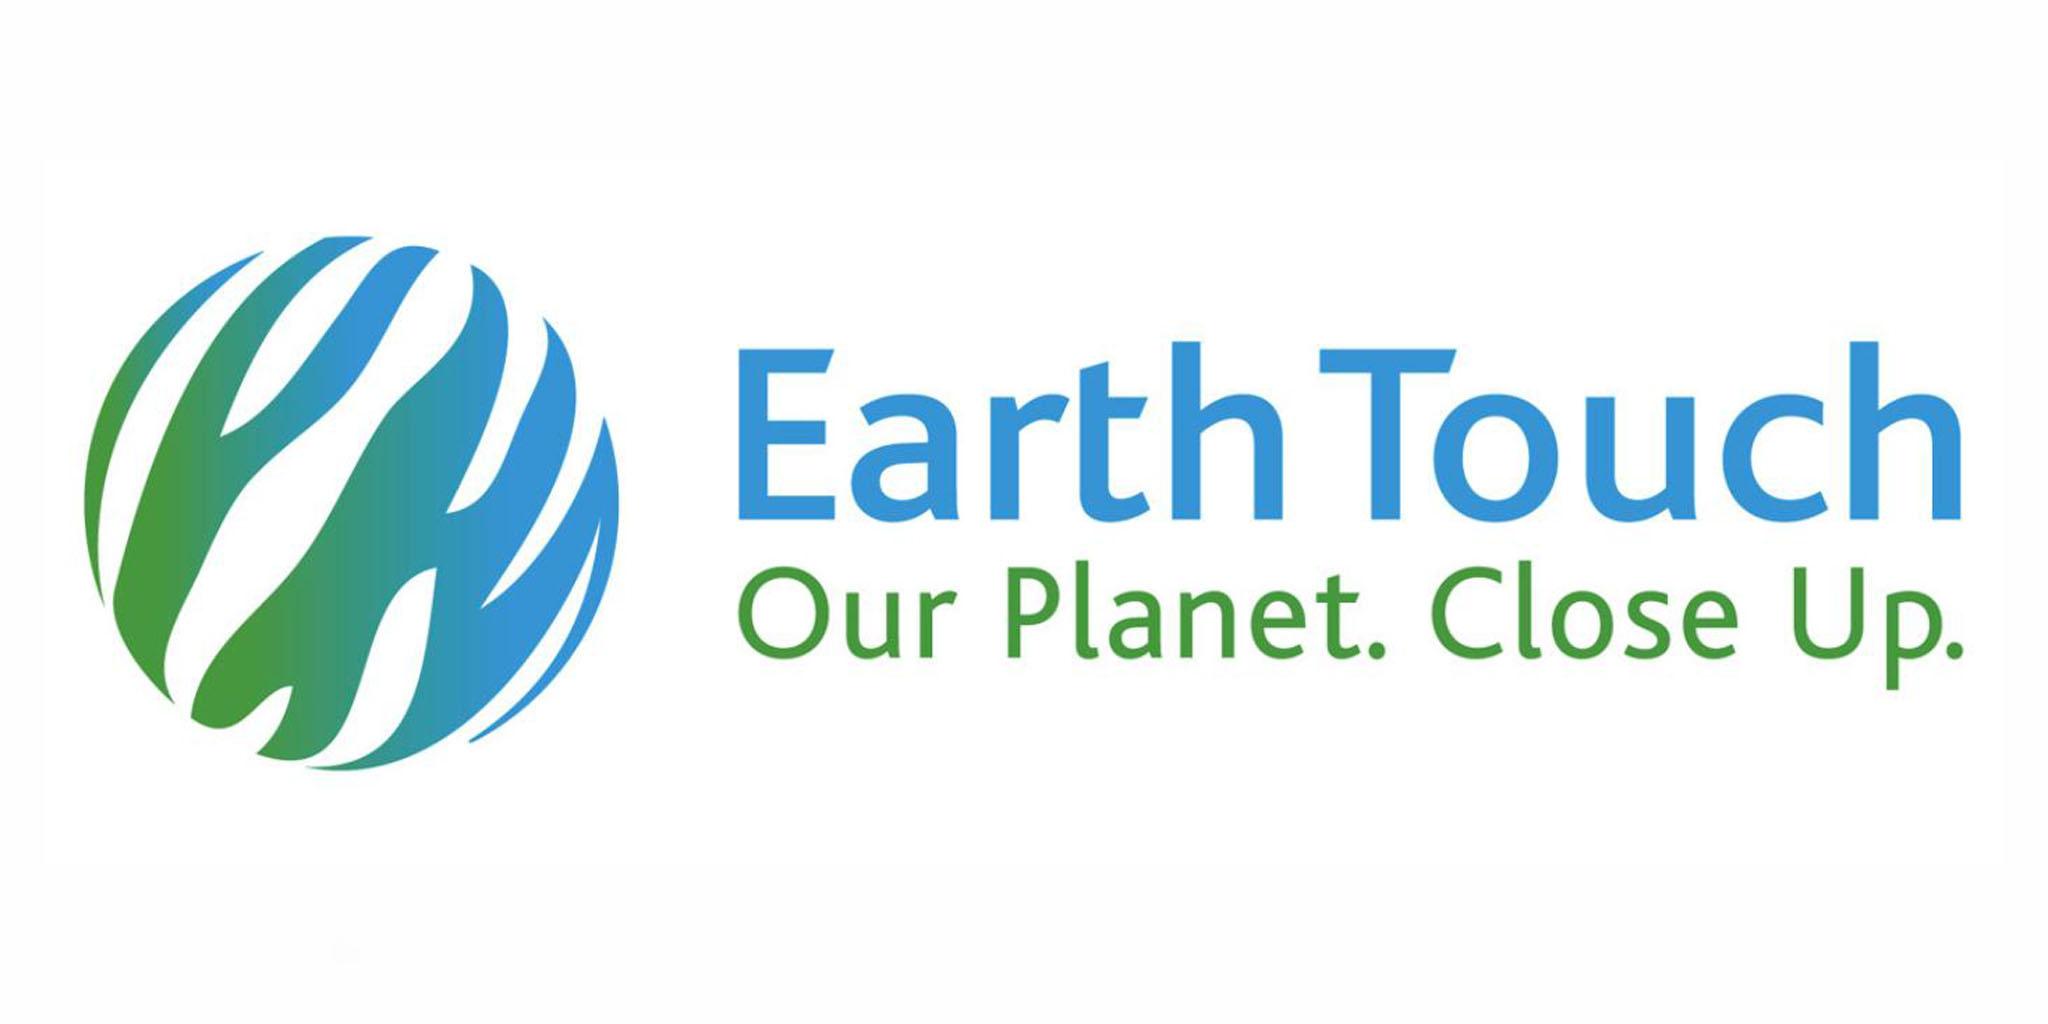 EARTHTOUCH.jpg